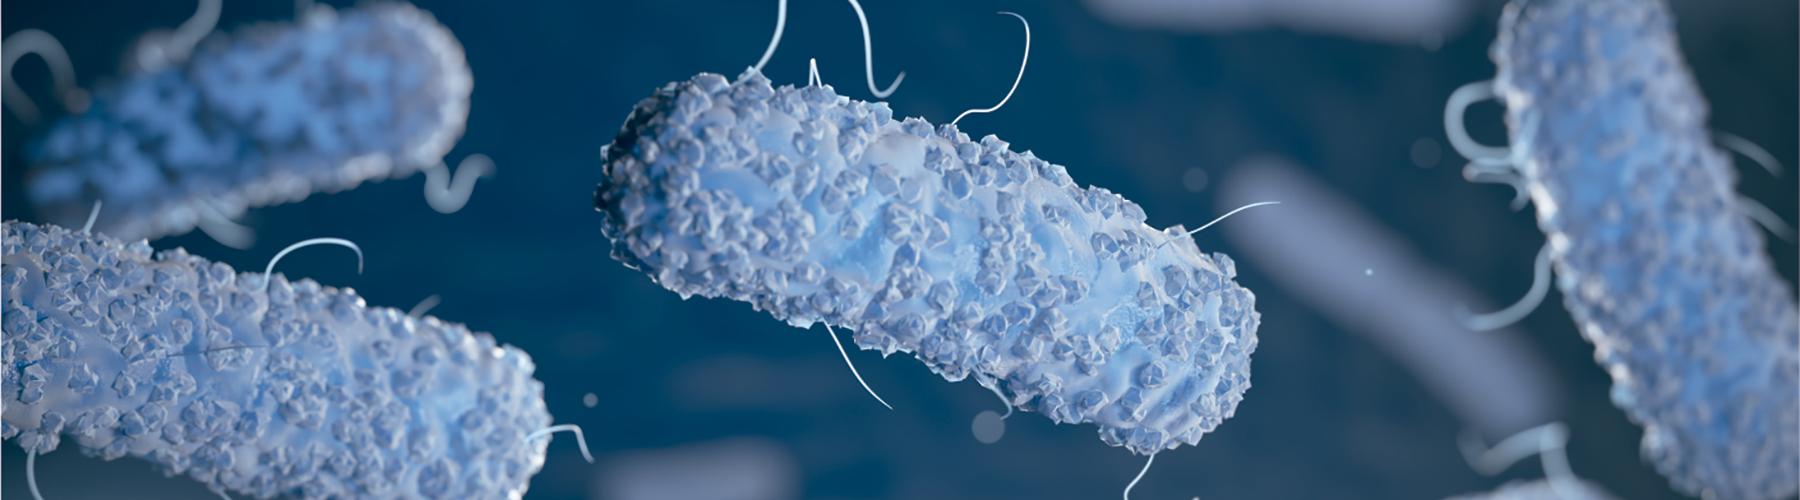 Course Image Utilidad de los probióticos en el mantenimiento de la salud